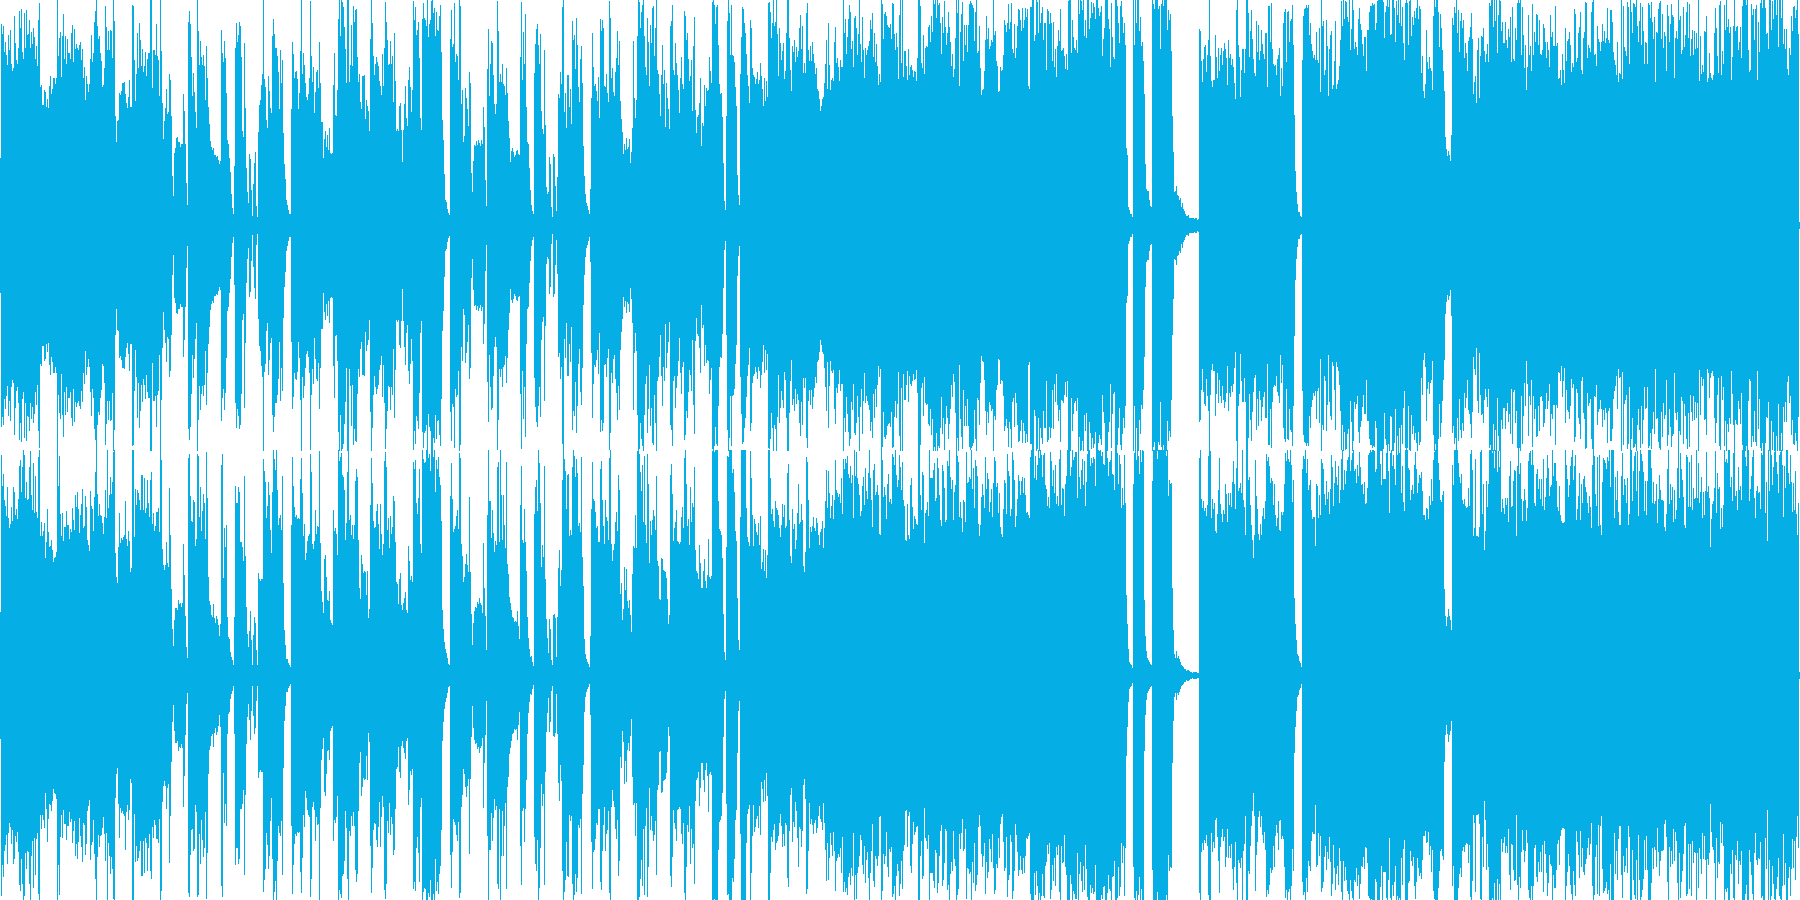 ループ音源ファンクオーケストラホーンの再生済みの波形